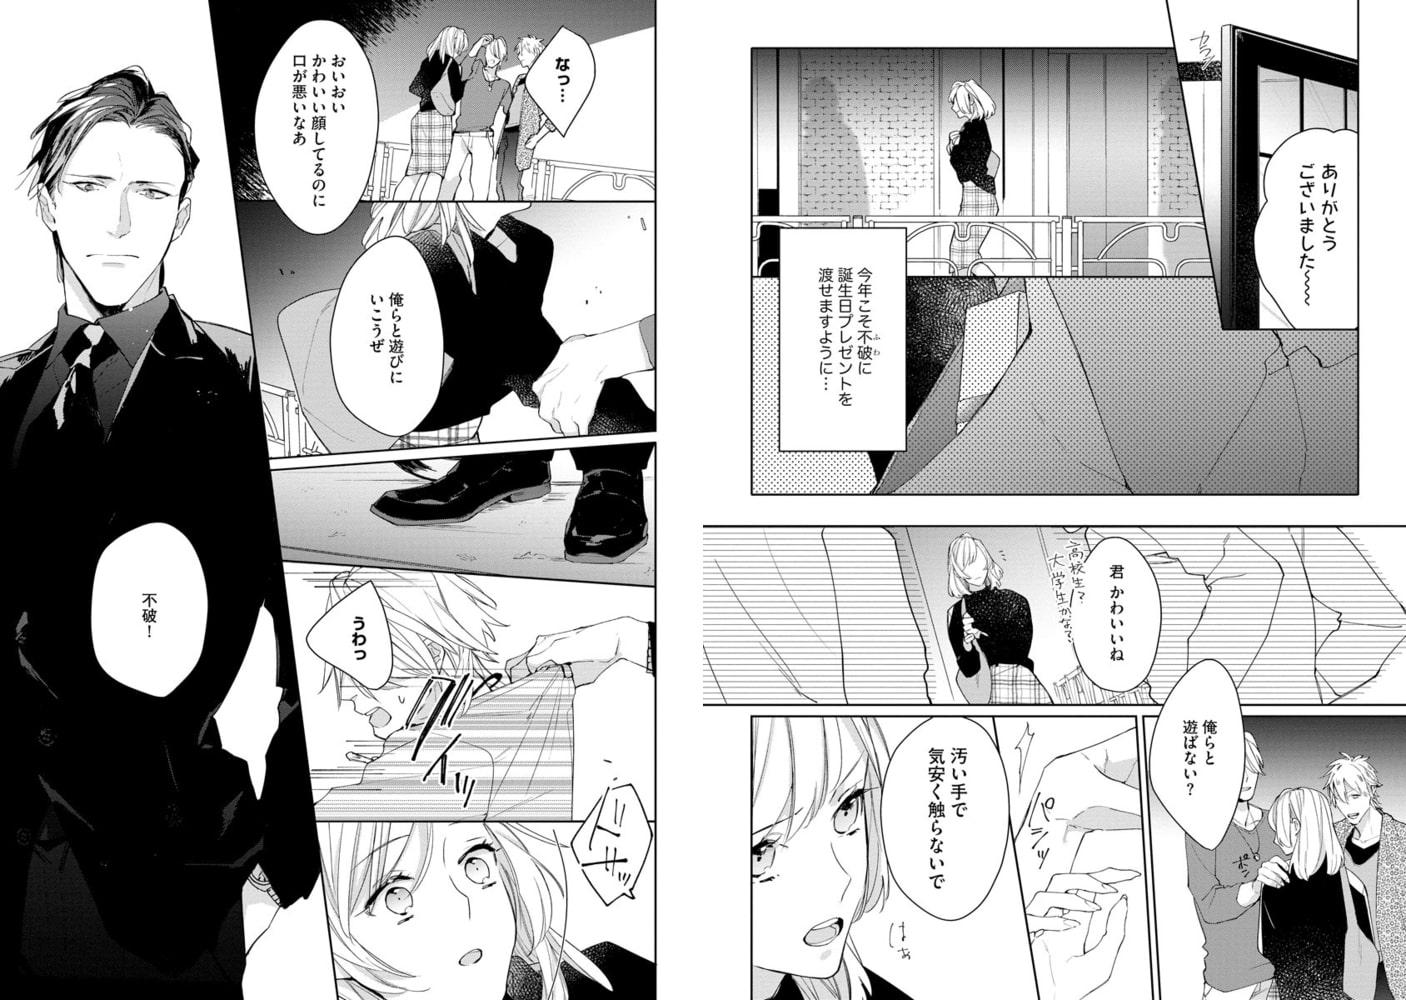 お嬢とヤクザ 若頭の愛撫は甘いが猛々しい【かきおろし漫画付】